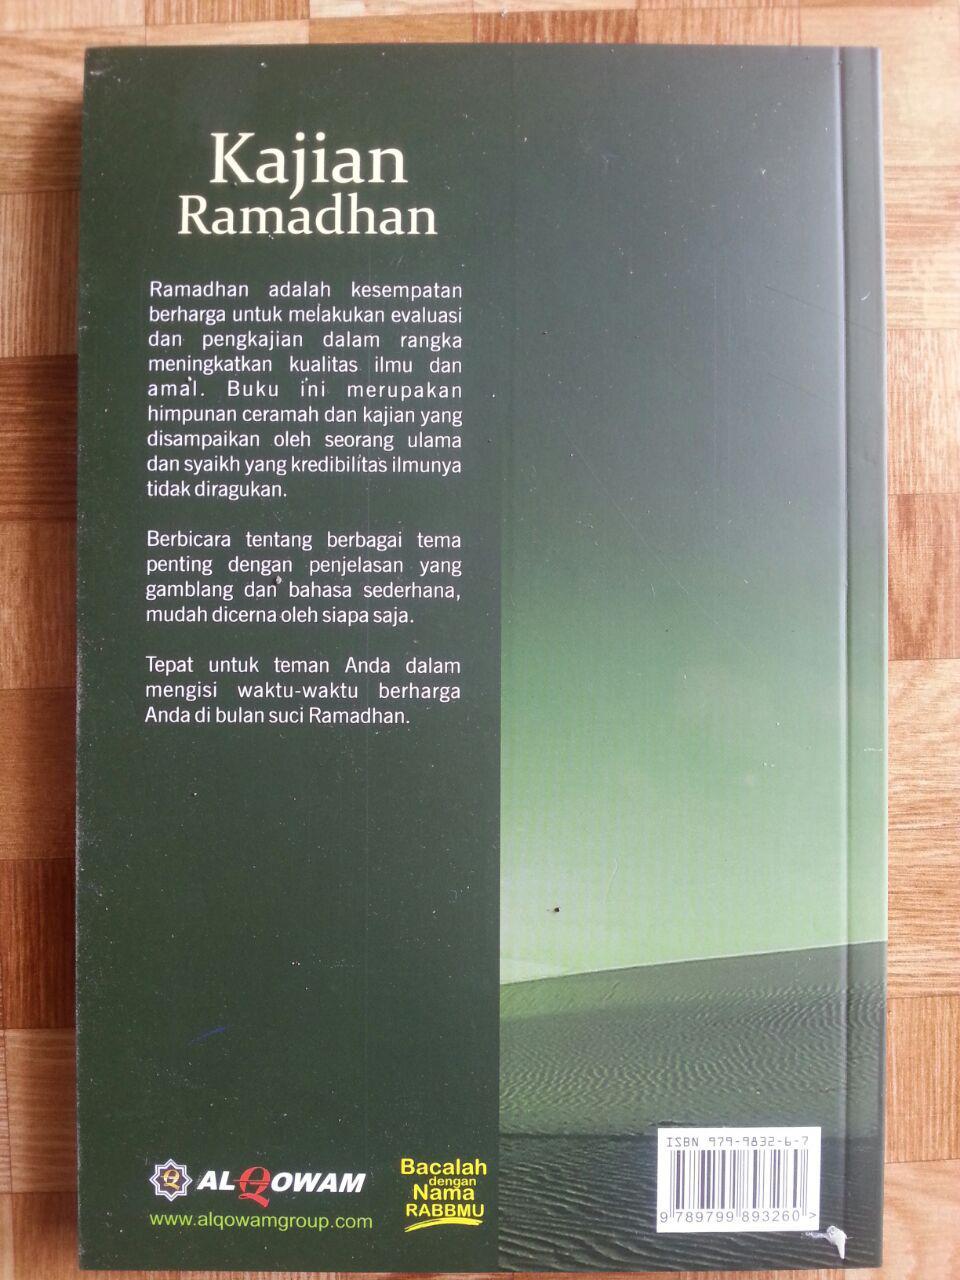 Buku Kajian Ramadhan cover